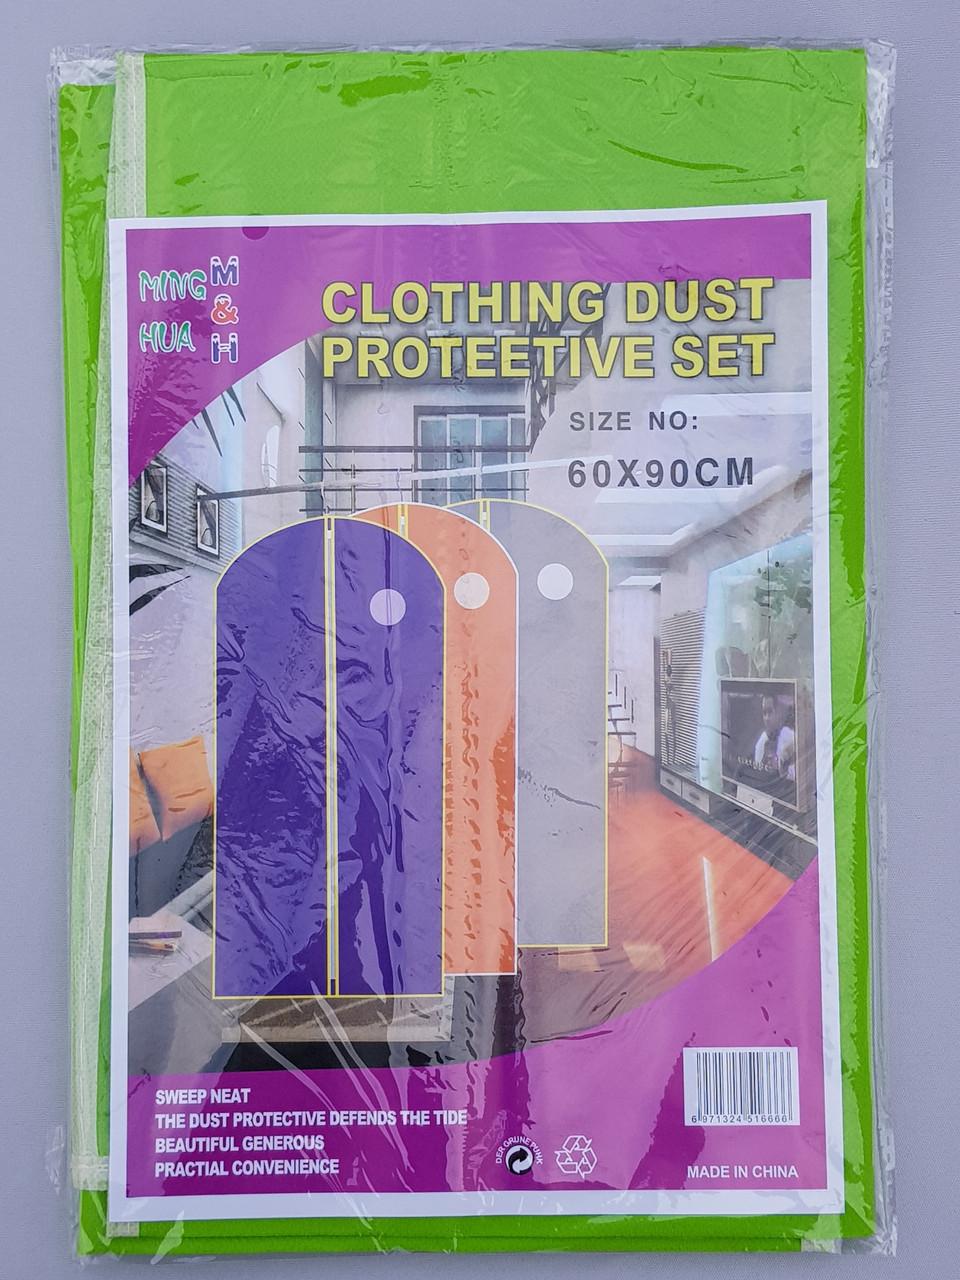 Чехол для хранения и упаковки одежды  на молнии флизелиновый  салатового цвета. Размер 60 см*90 см.